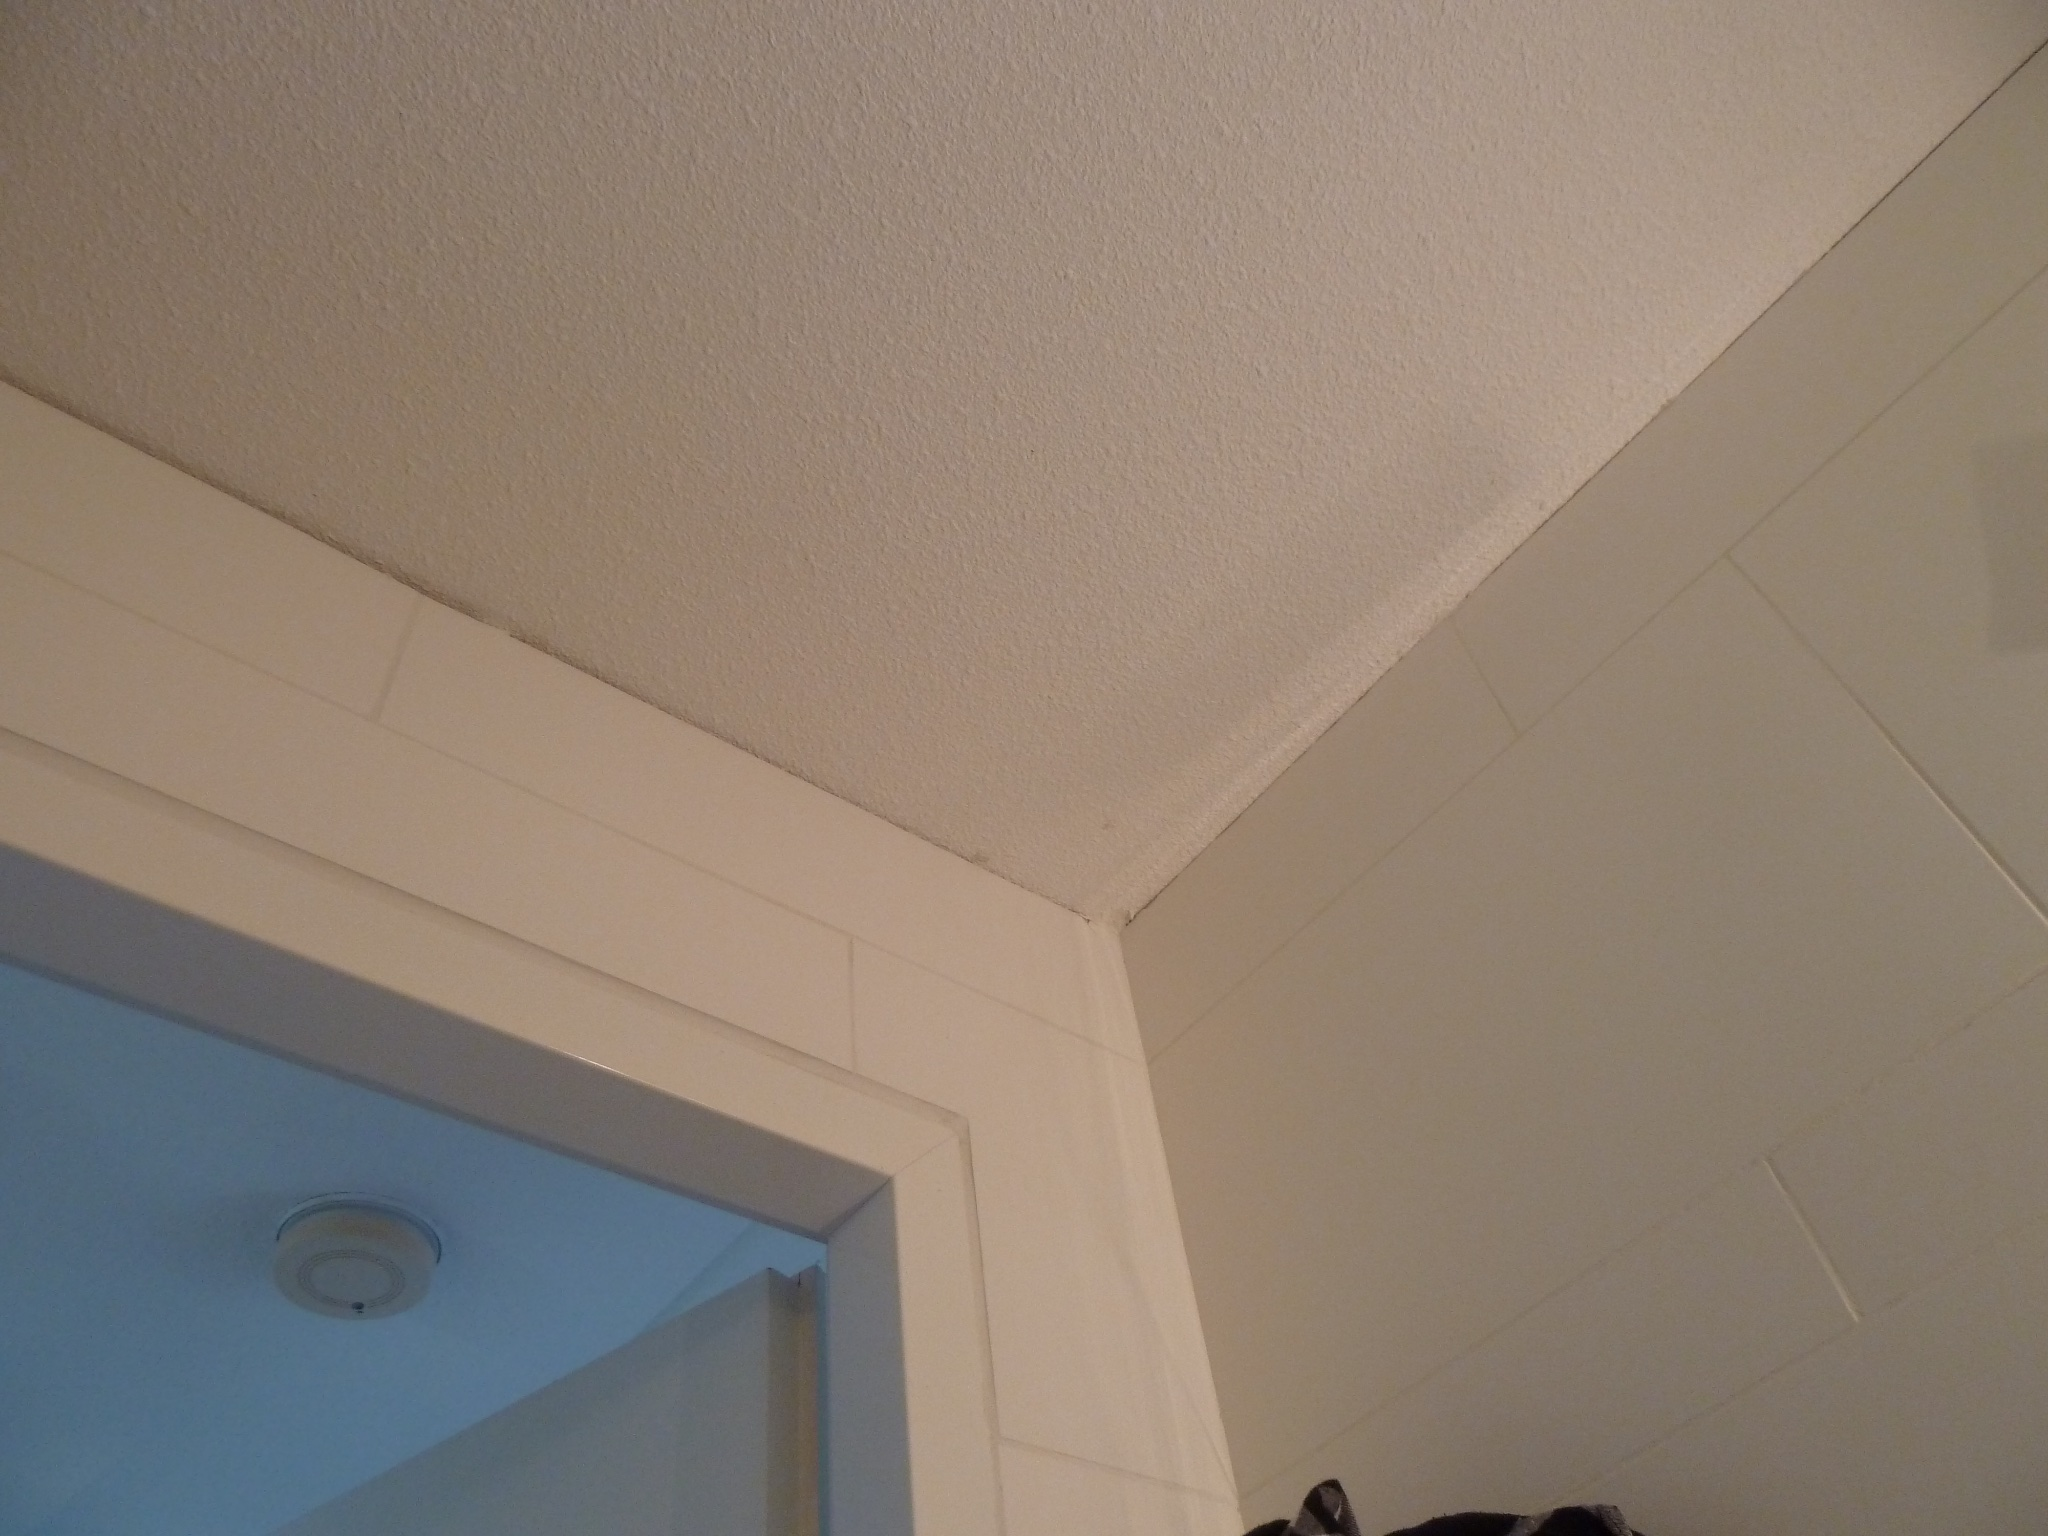 Plafond badkamer witten en kitten - Werkspot